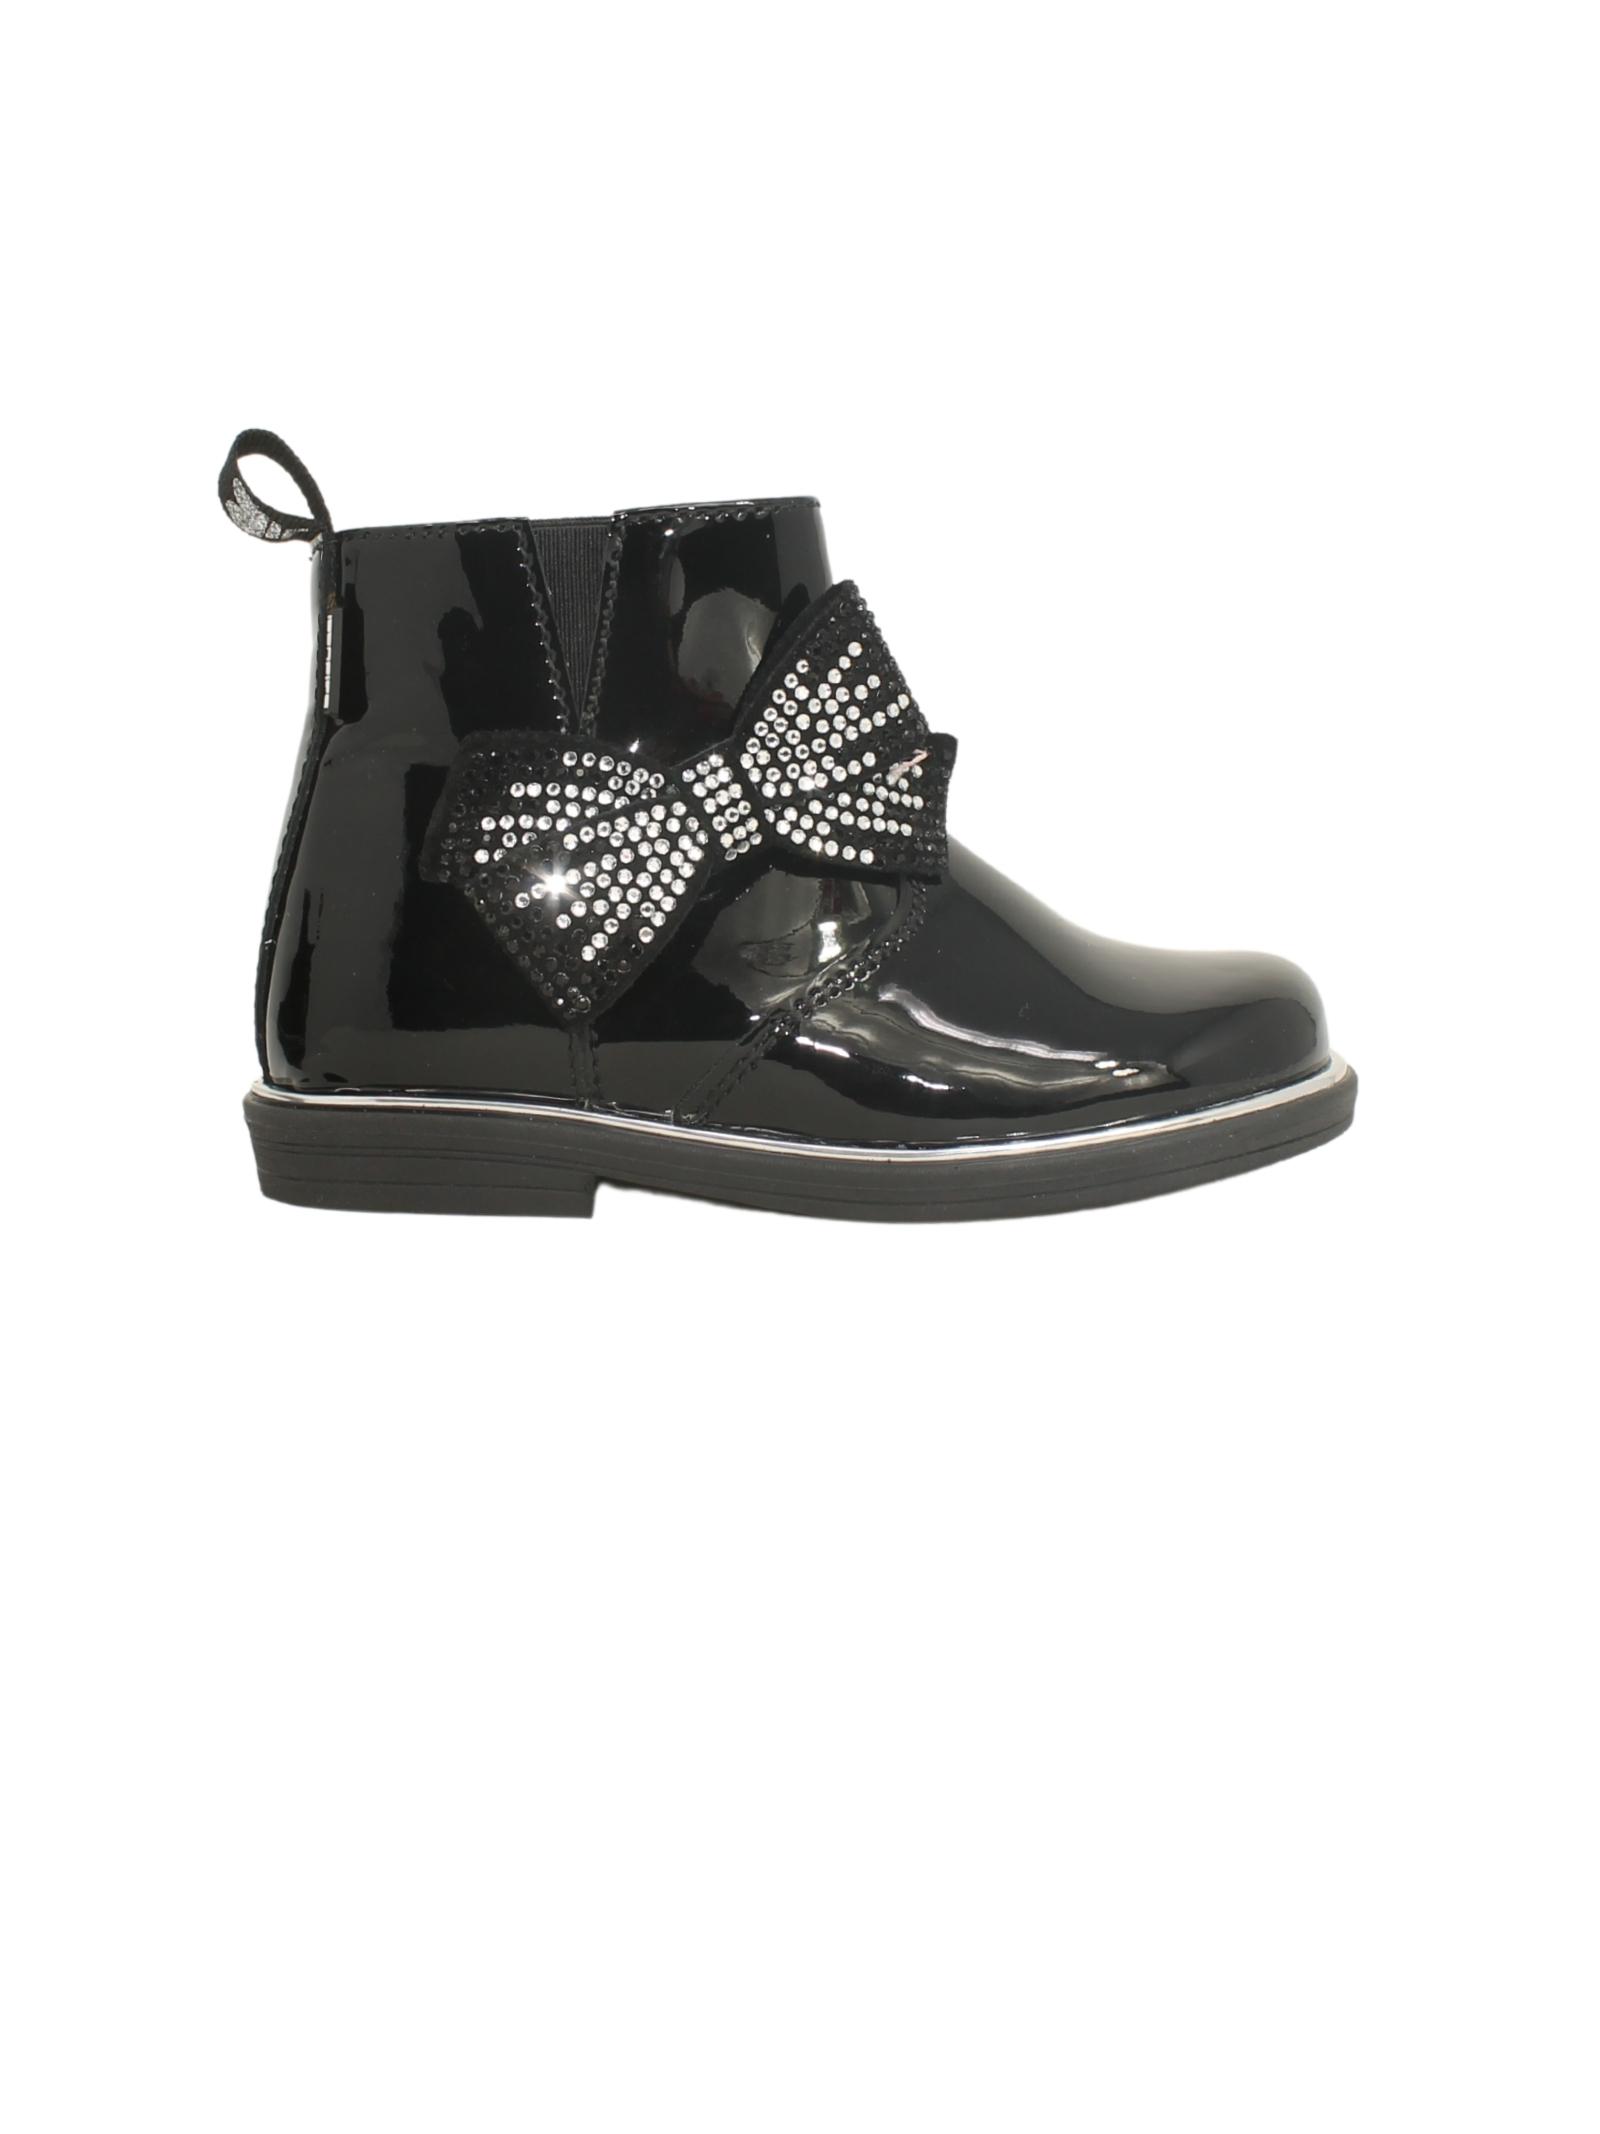 Bow Girl Boots BALDUCCI |  | CITA4952NERO